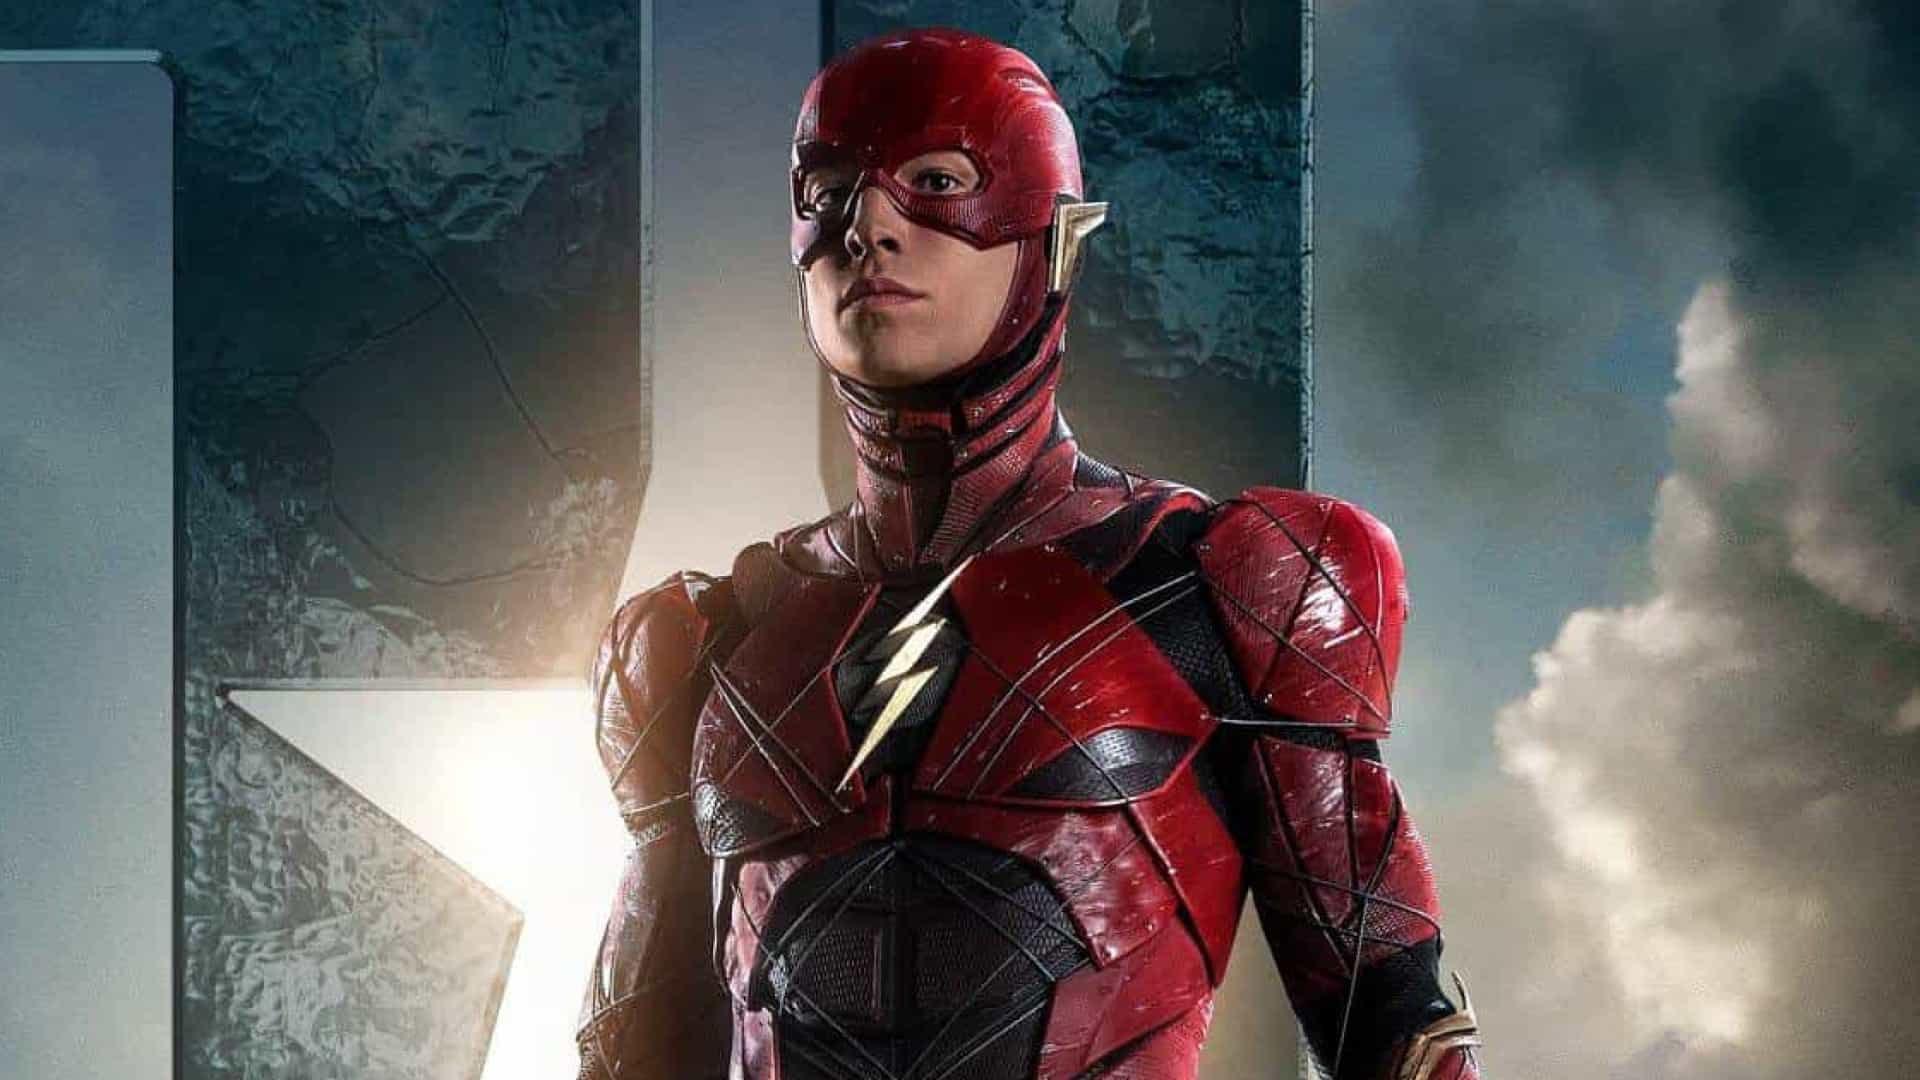 The Flash: trailer inédito do filme é revelado no DC FanDome 2021